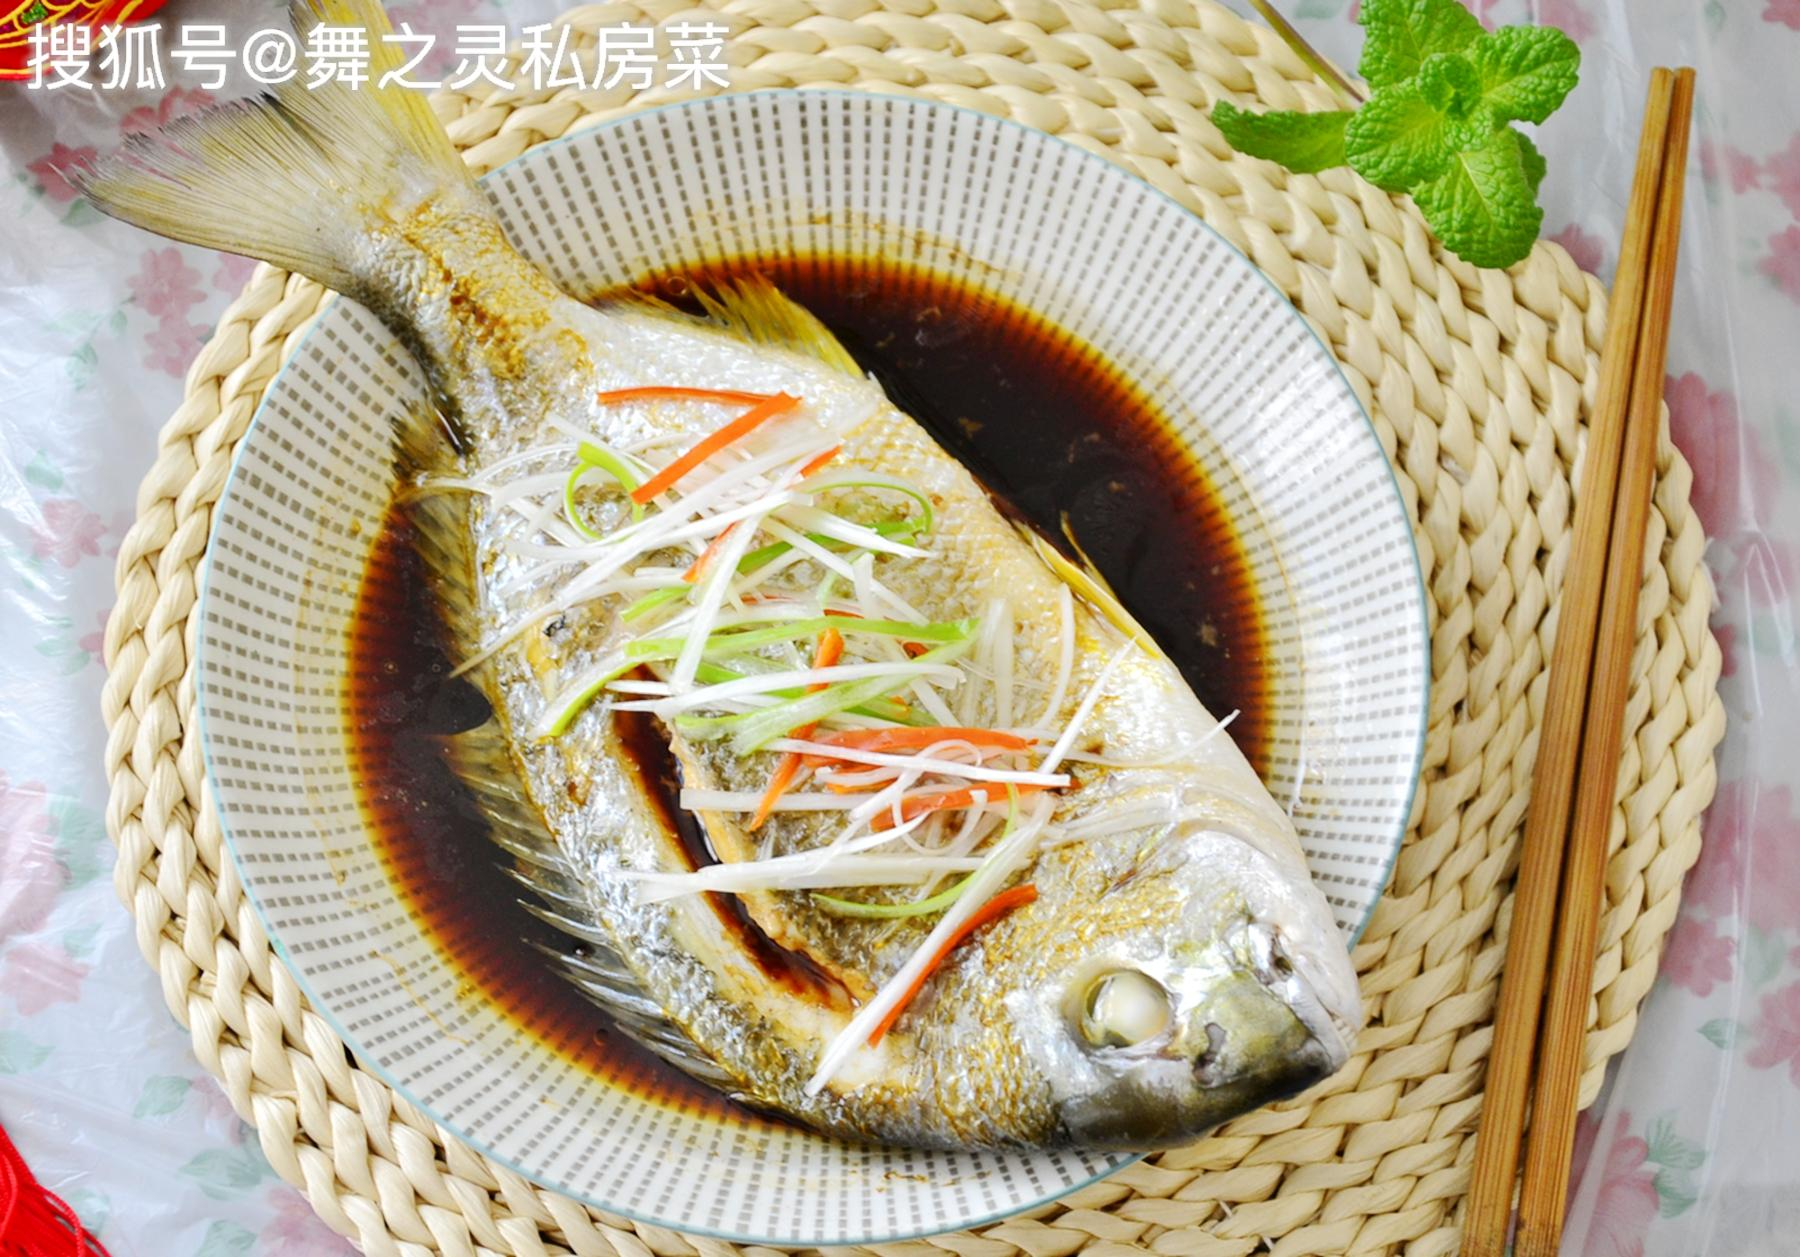 天热此鱼要多吃,抗衰老提高免疫力,老少越吃越健康